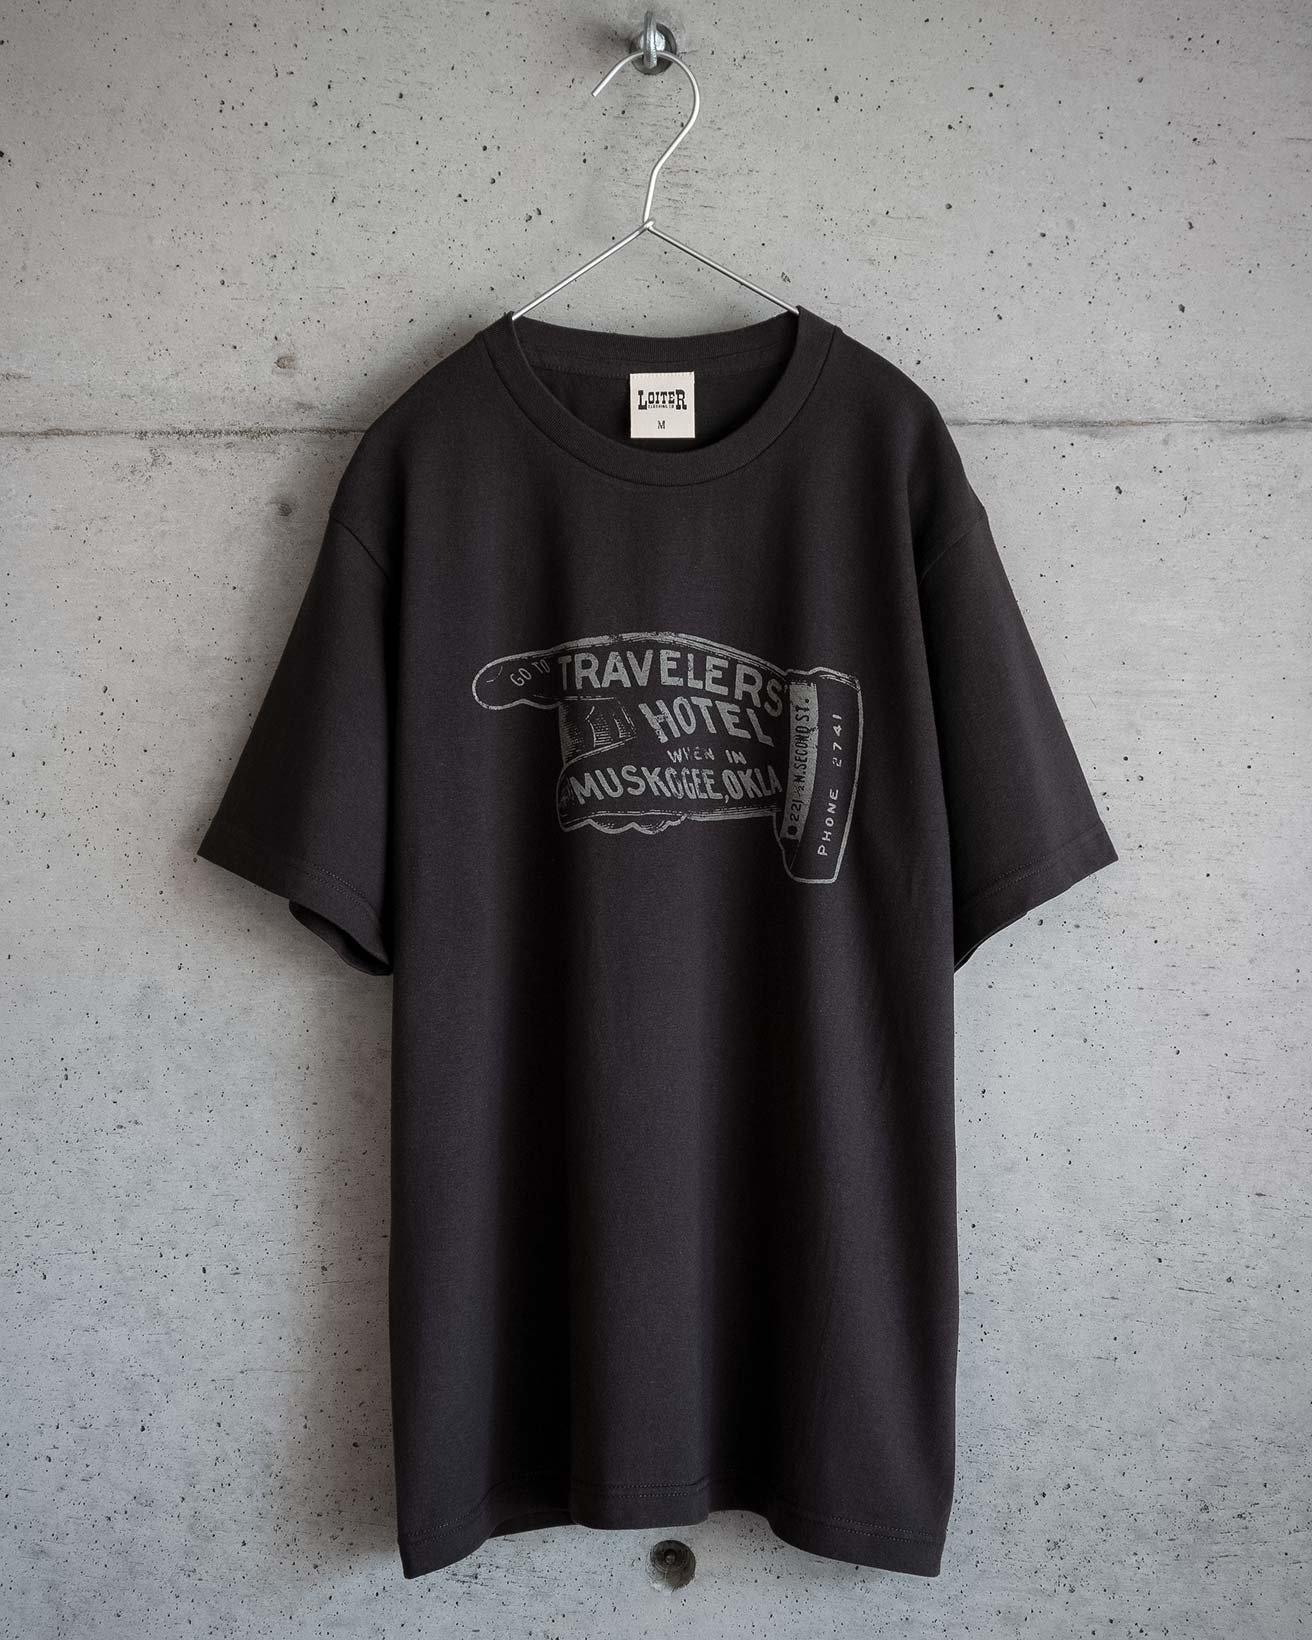 ロイターのアメカジ TRAVELERS' HOTEL Tシャツ